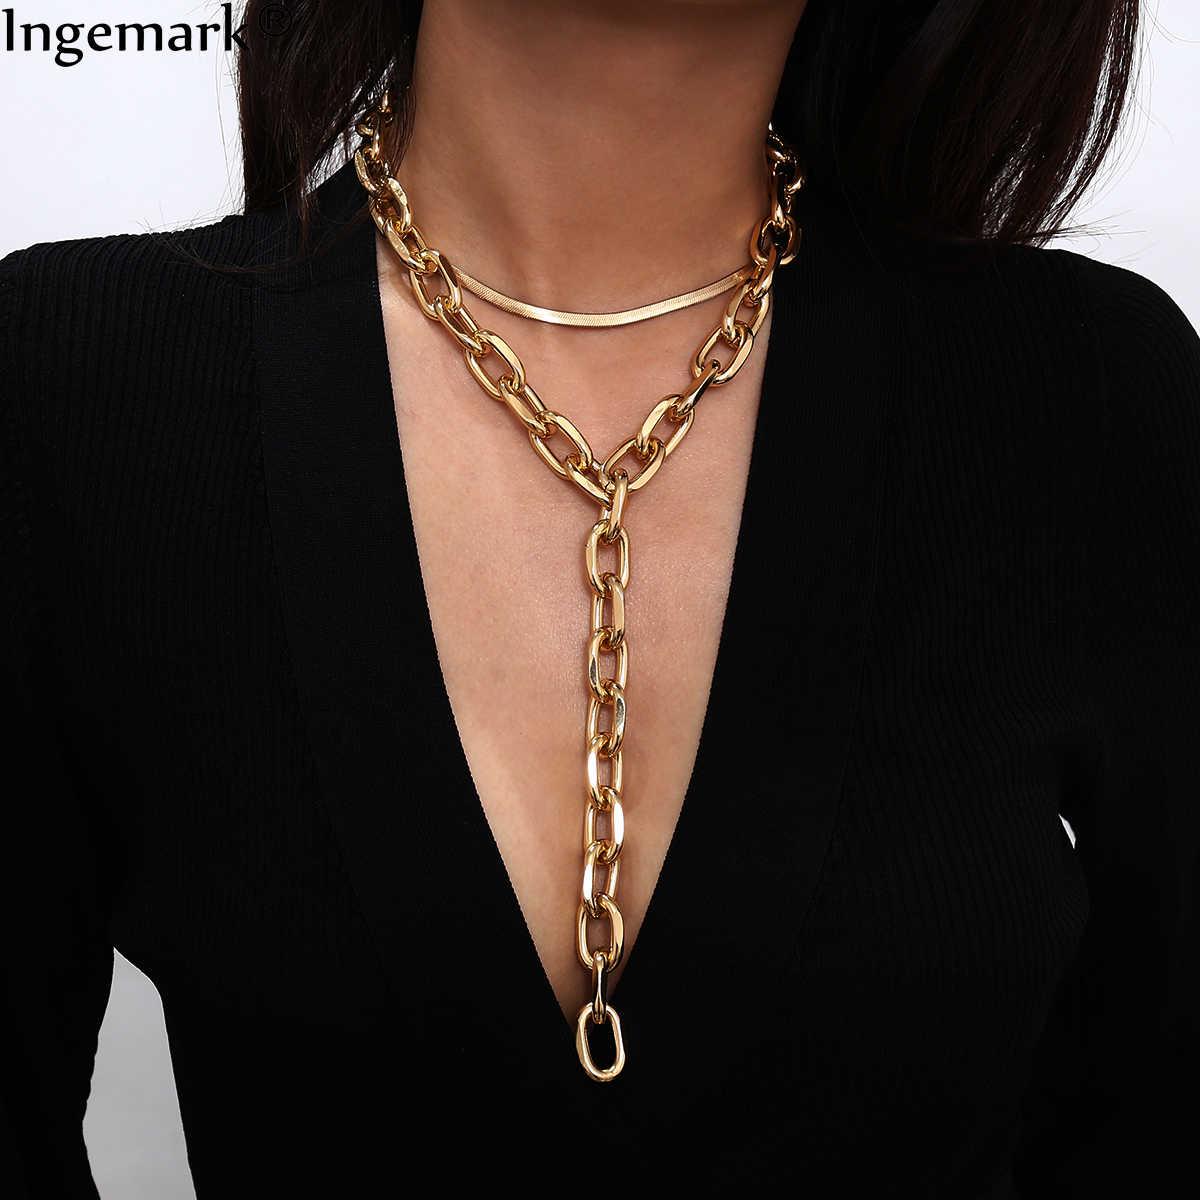 パンクキューバ厚いチョーカーネックレス collares スチームパンクヒップホップ鎖骨分厚いスネークチェーンロングネックレスセクシーな女性胸ジュエリー